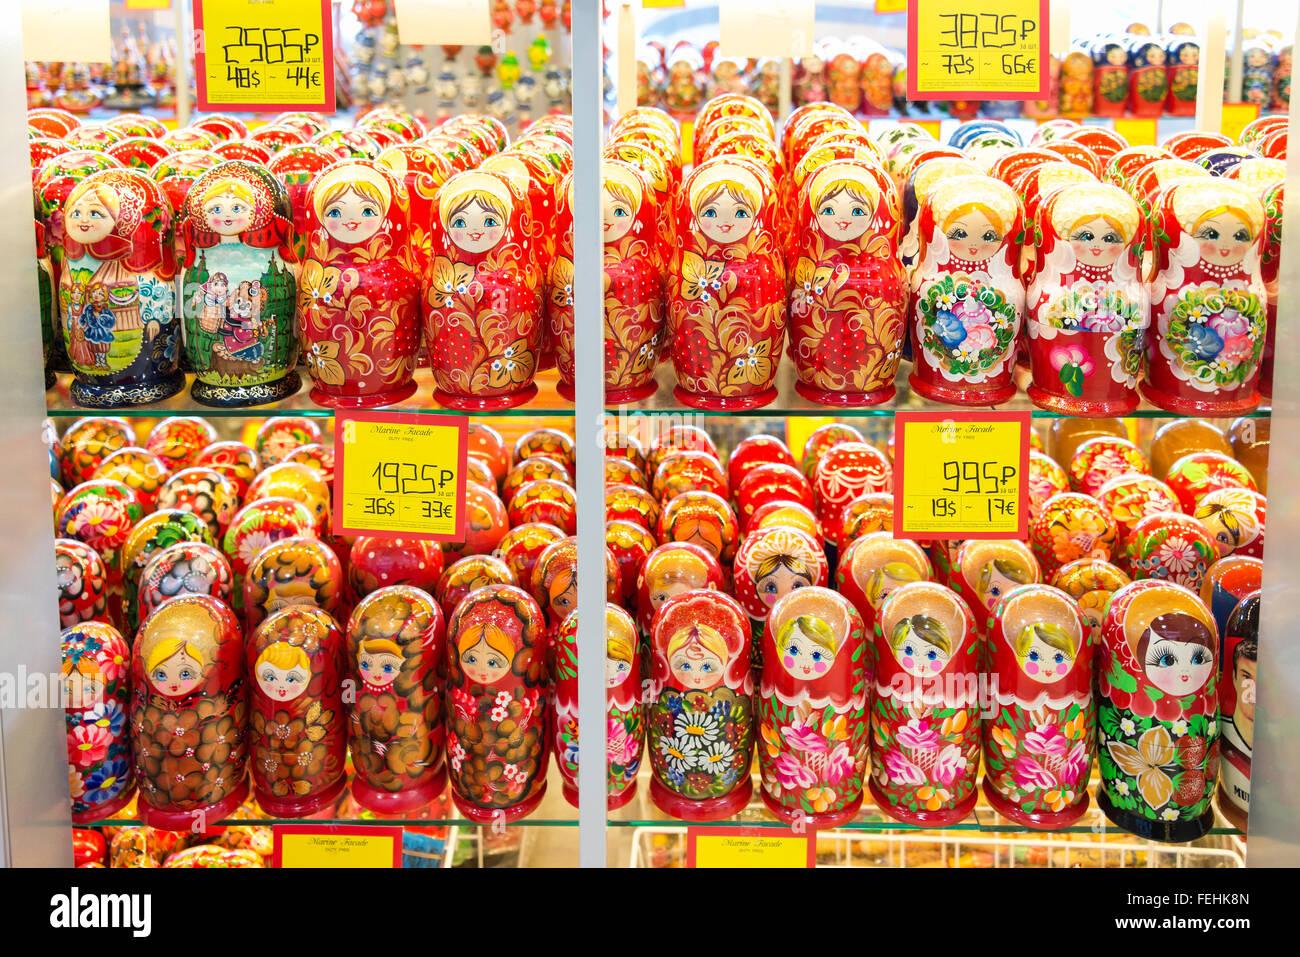 Poupées Matriochka russe souvenirs, Saint Petersburg, région nord-ouest, République de Russie Banque D'Images